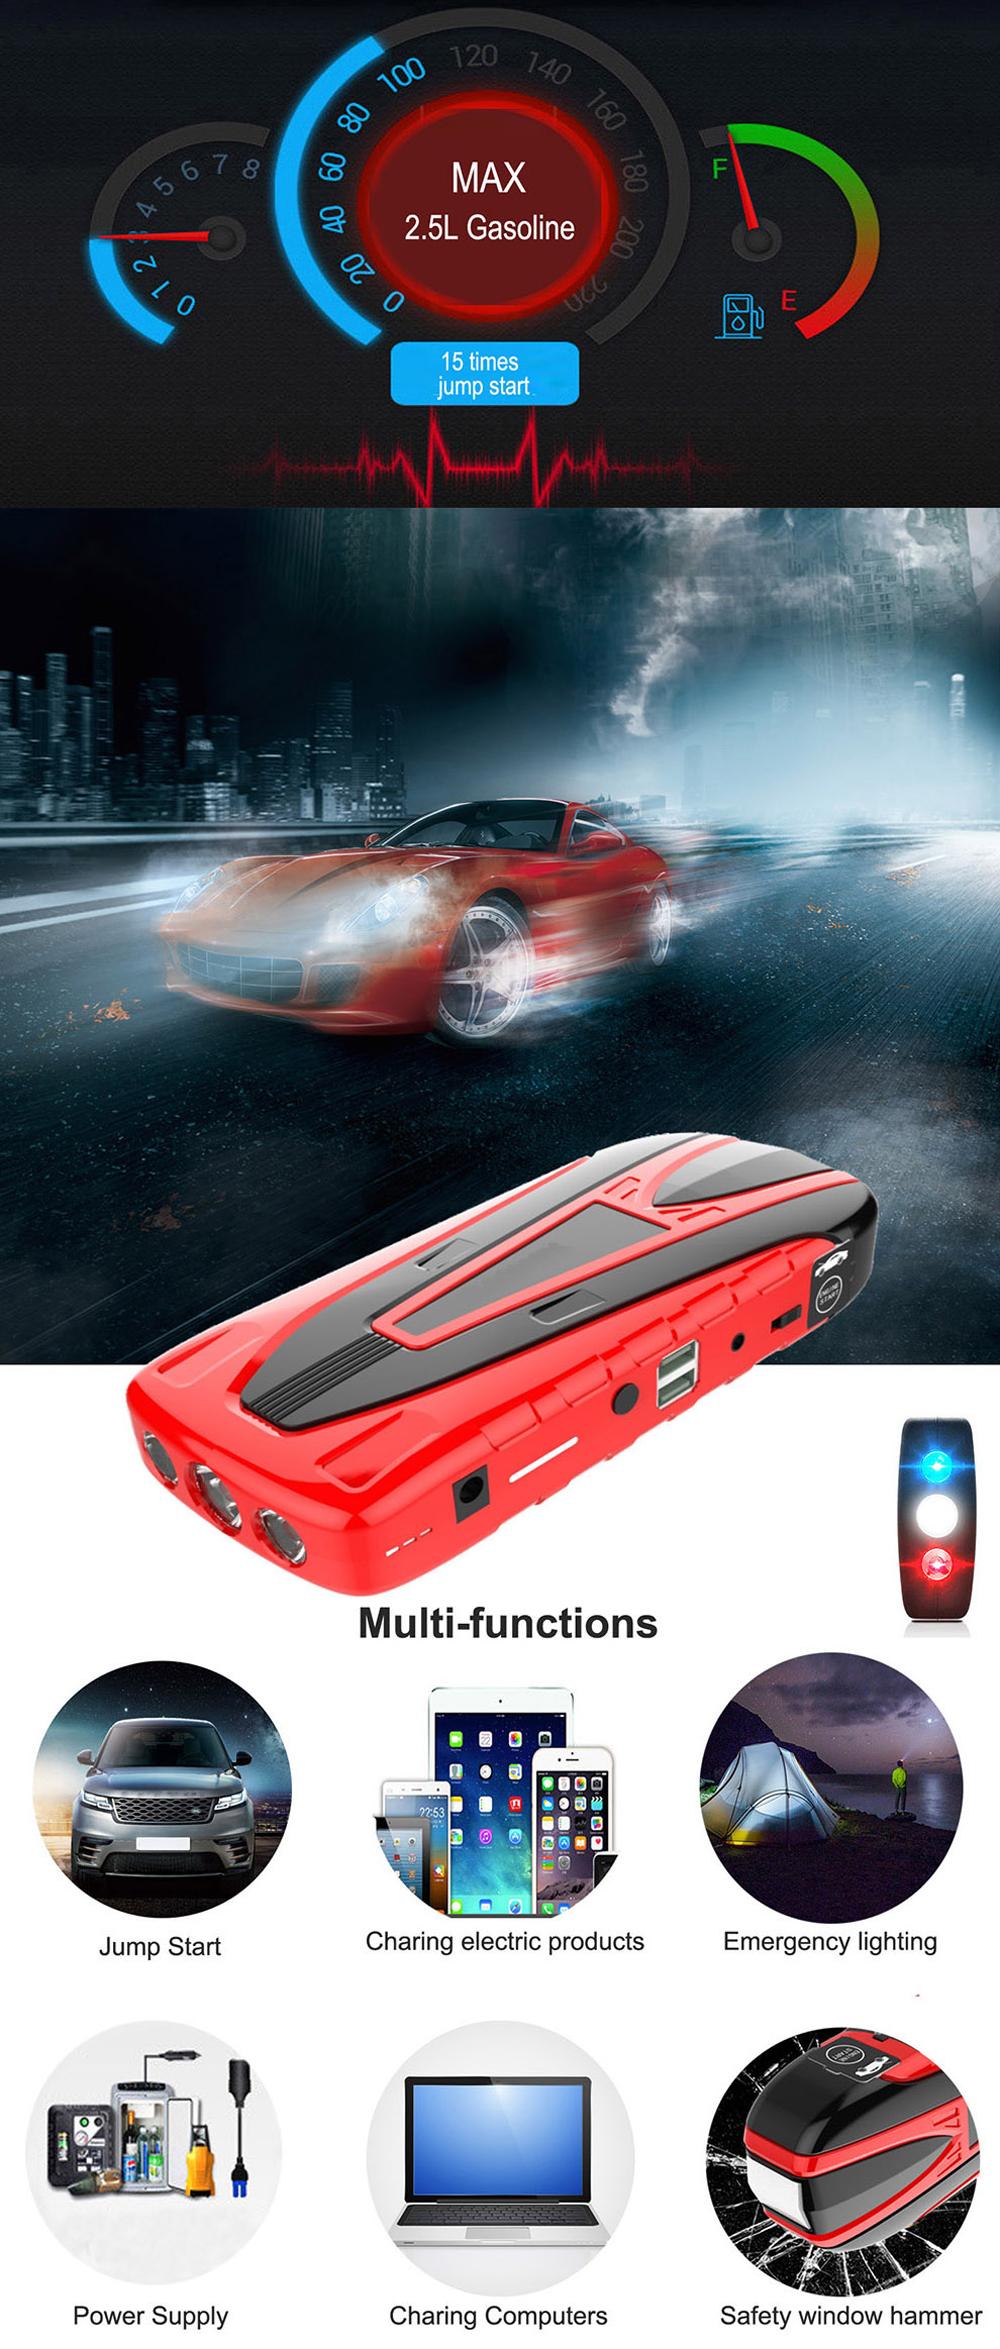 Mobil taşınabilir Mini atlama marş 12000mAh araba Jumper 12V Booster güç pil şarj cihazı telefon laptop taşınabilir güç kaynağı